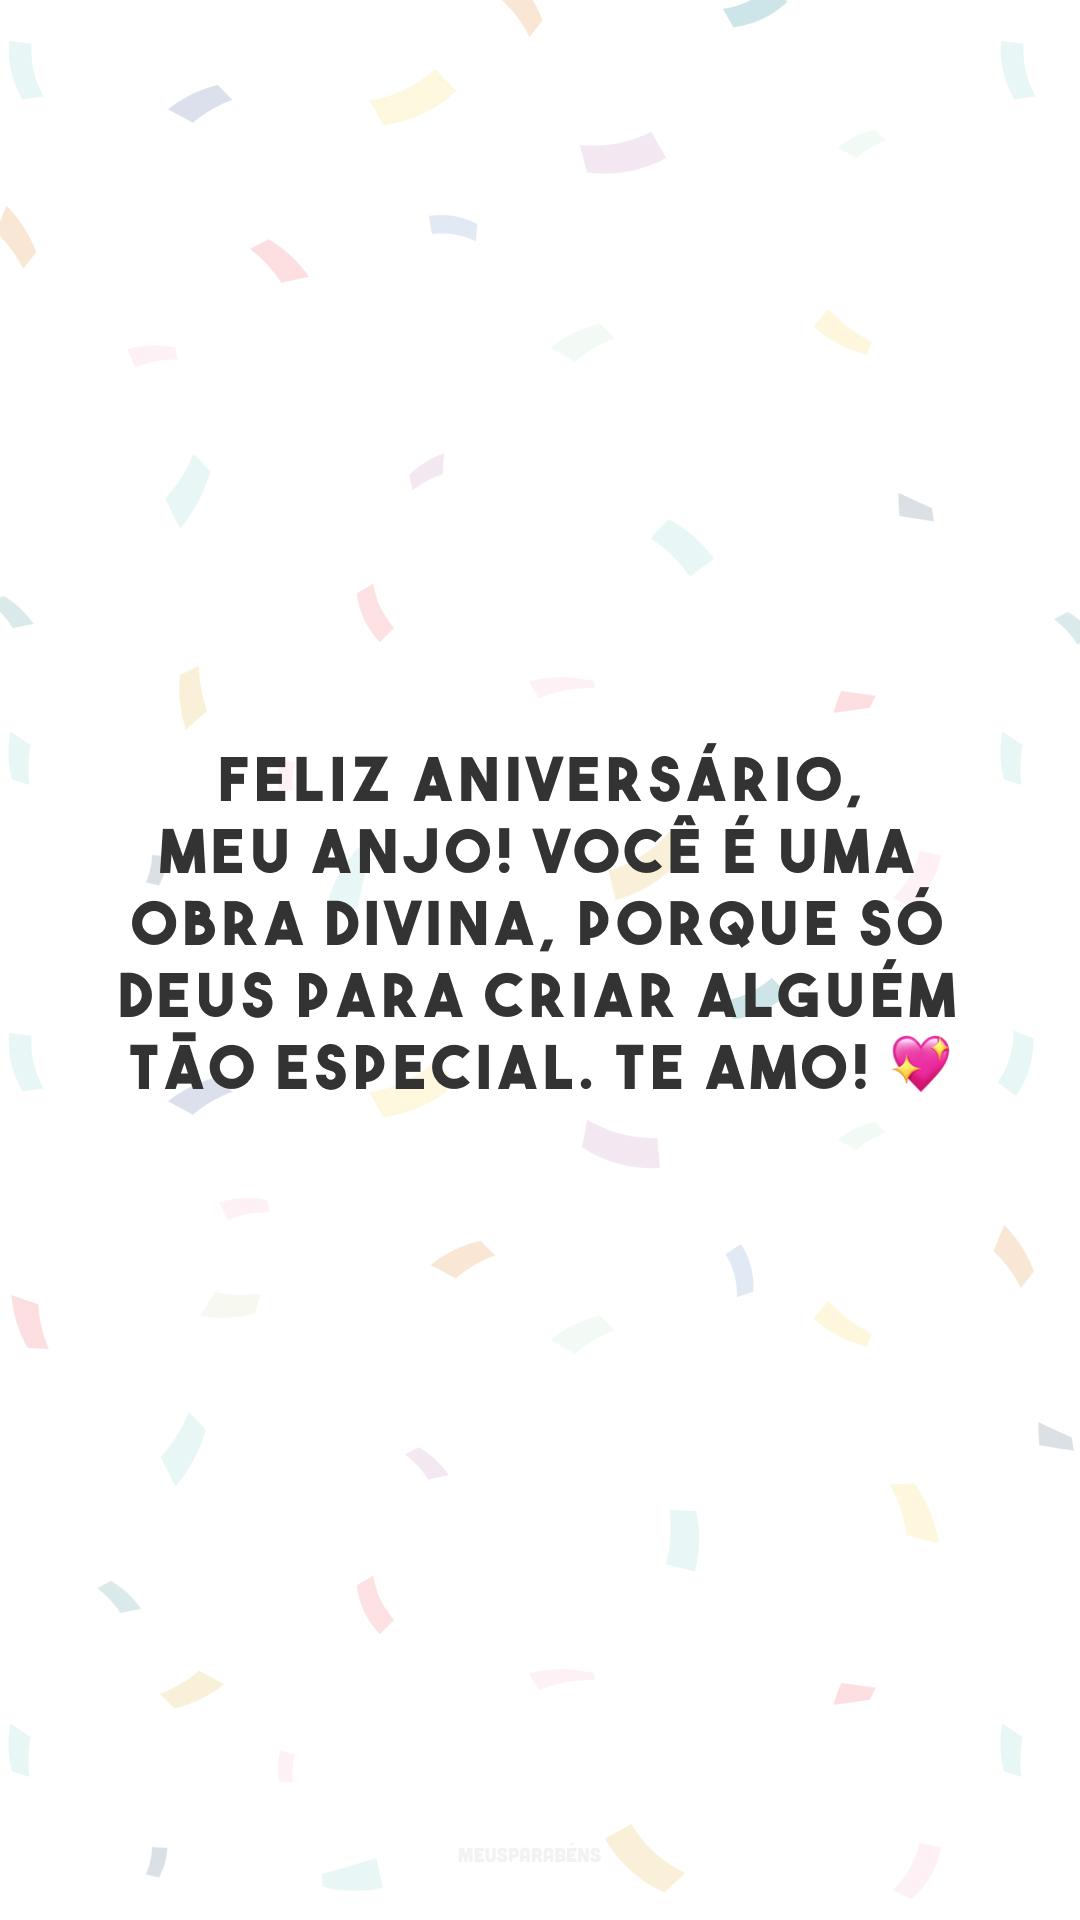 Feliz aniversário, meu anjo! Você é uma obra divina, porque só Deus para criar alguém tão especial. Te amo! 💖